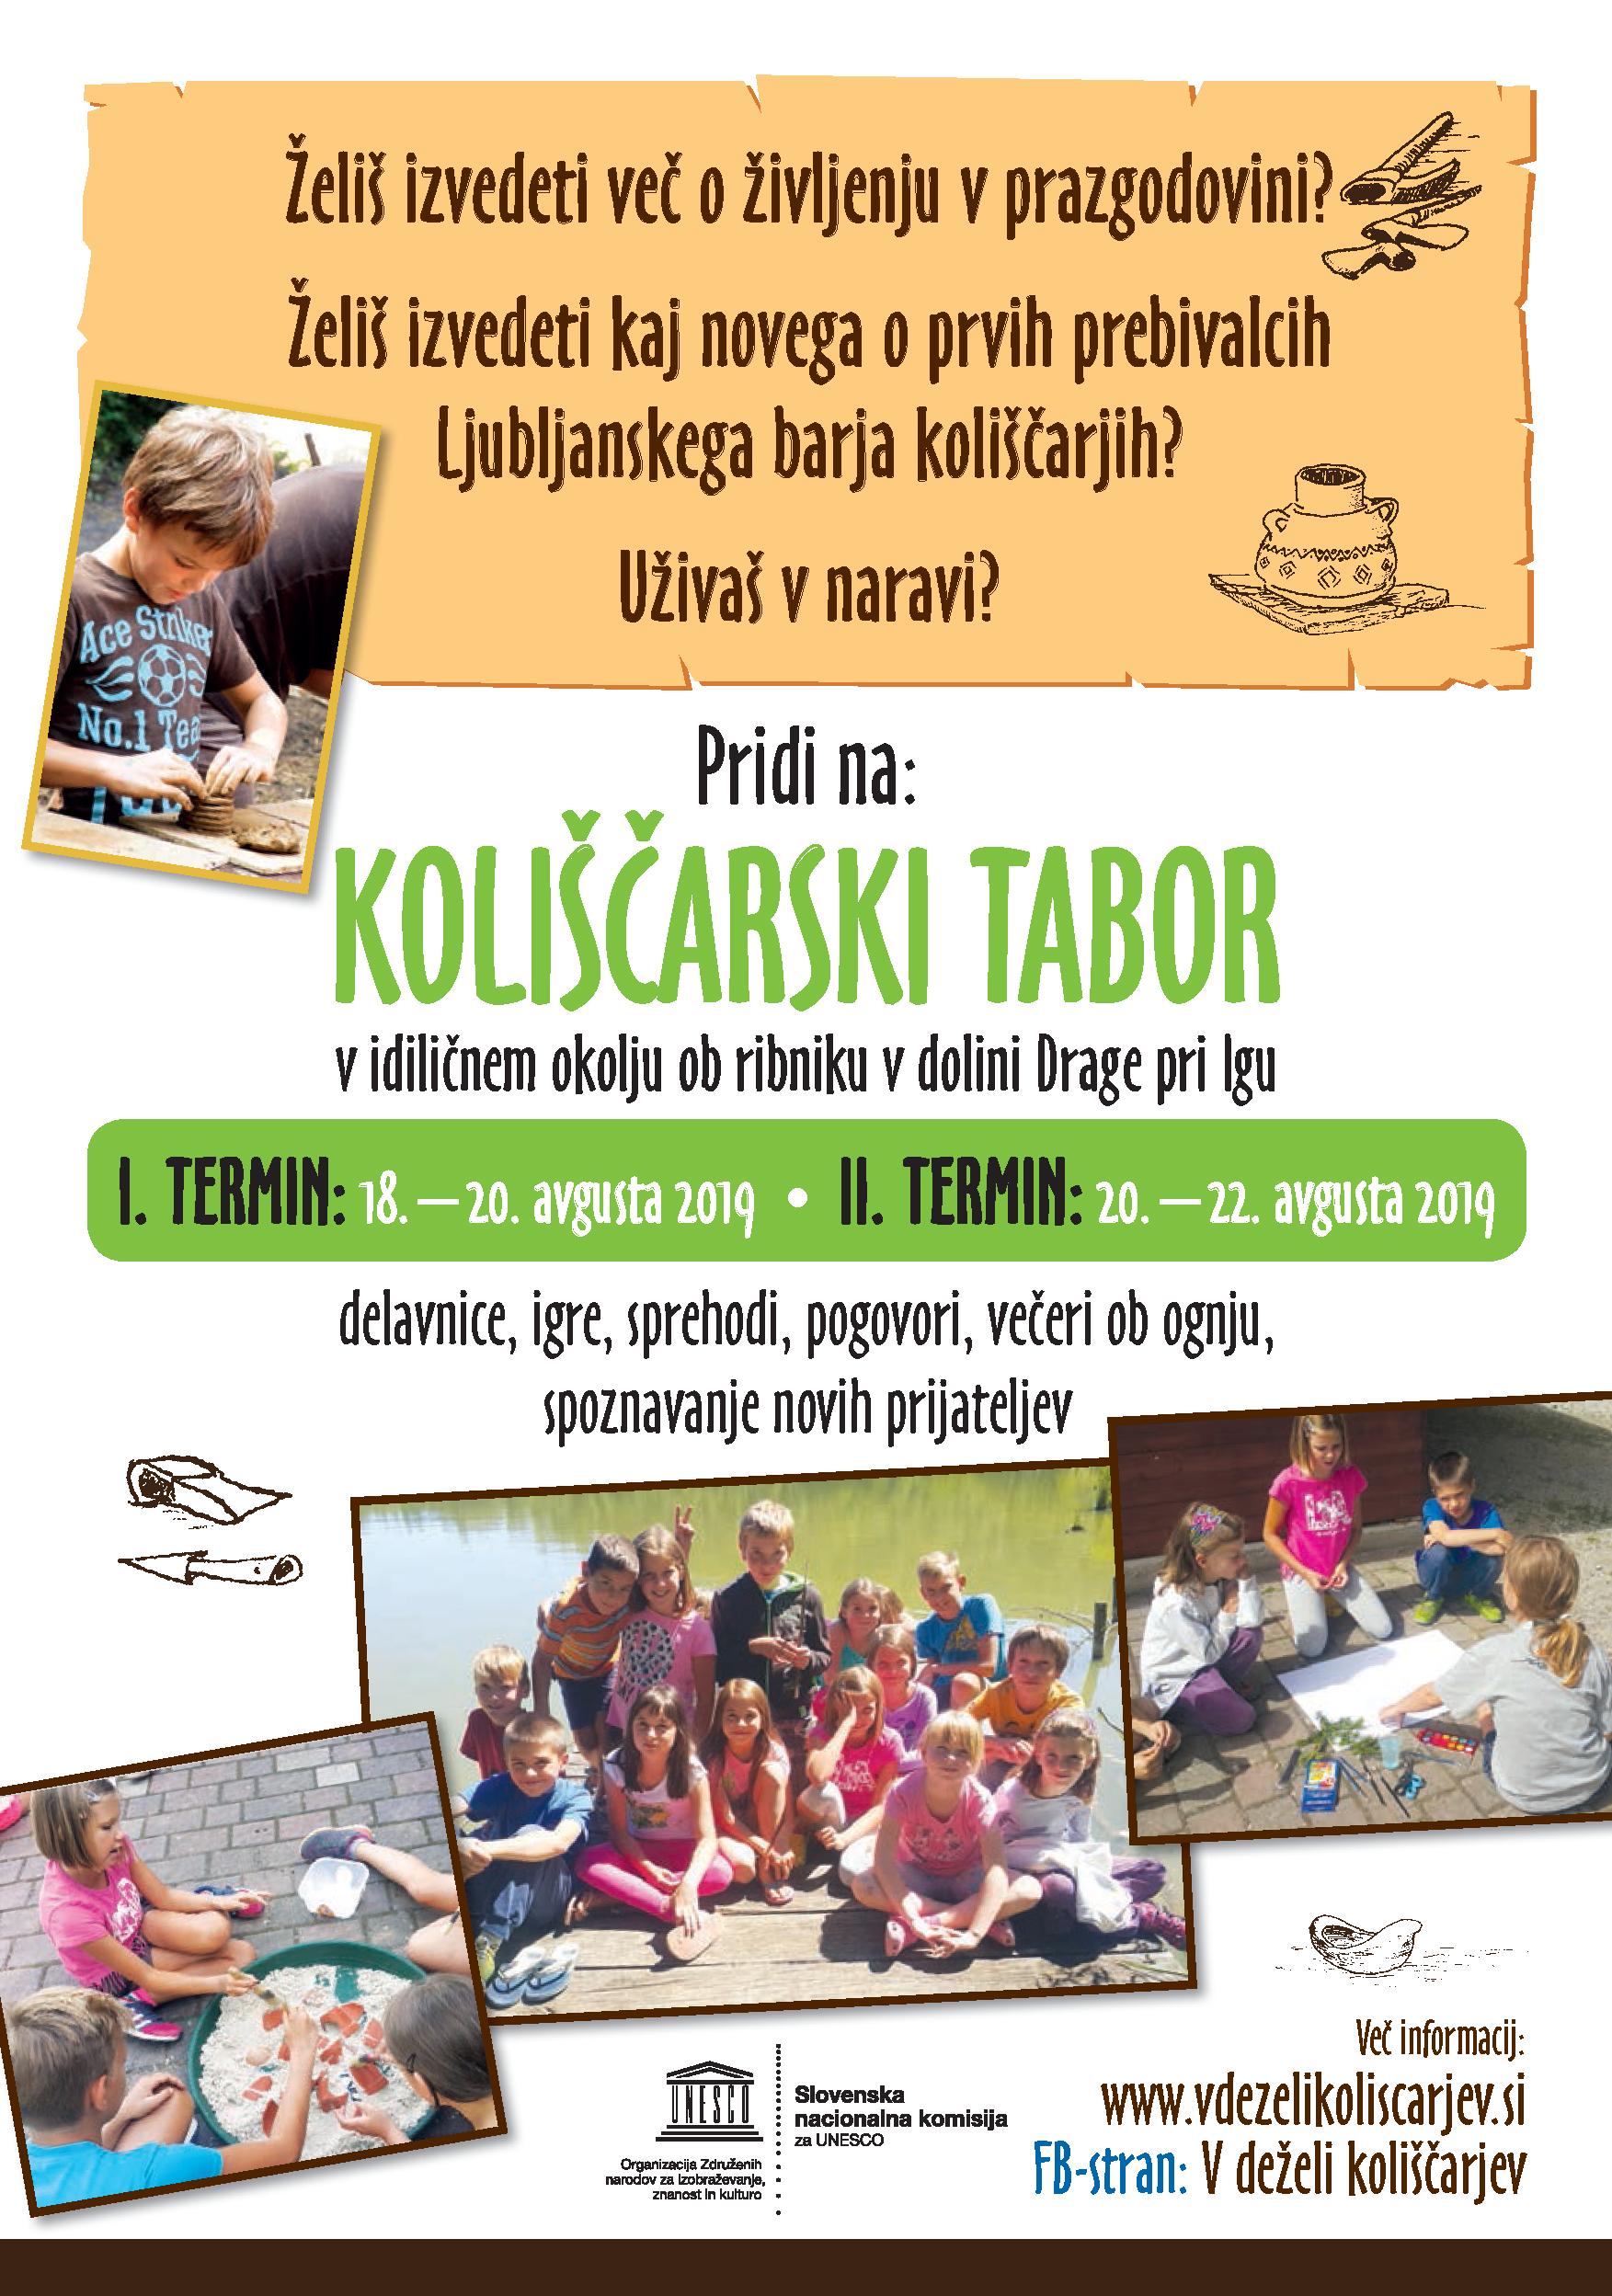 V DEZELI KOLISCARJEV - LETAK A5 2019_2